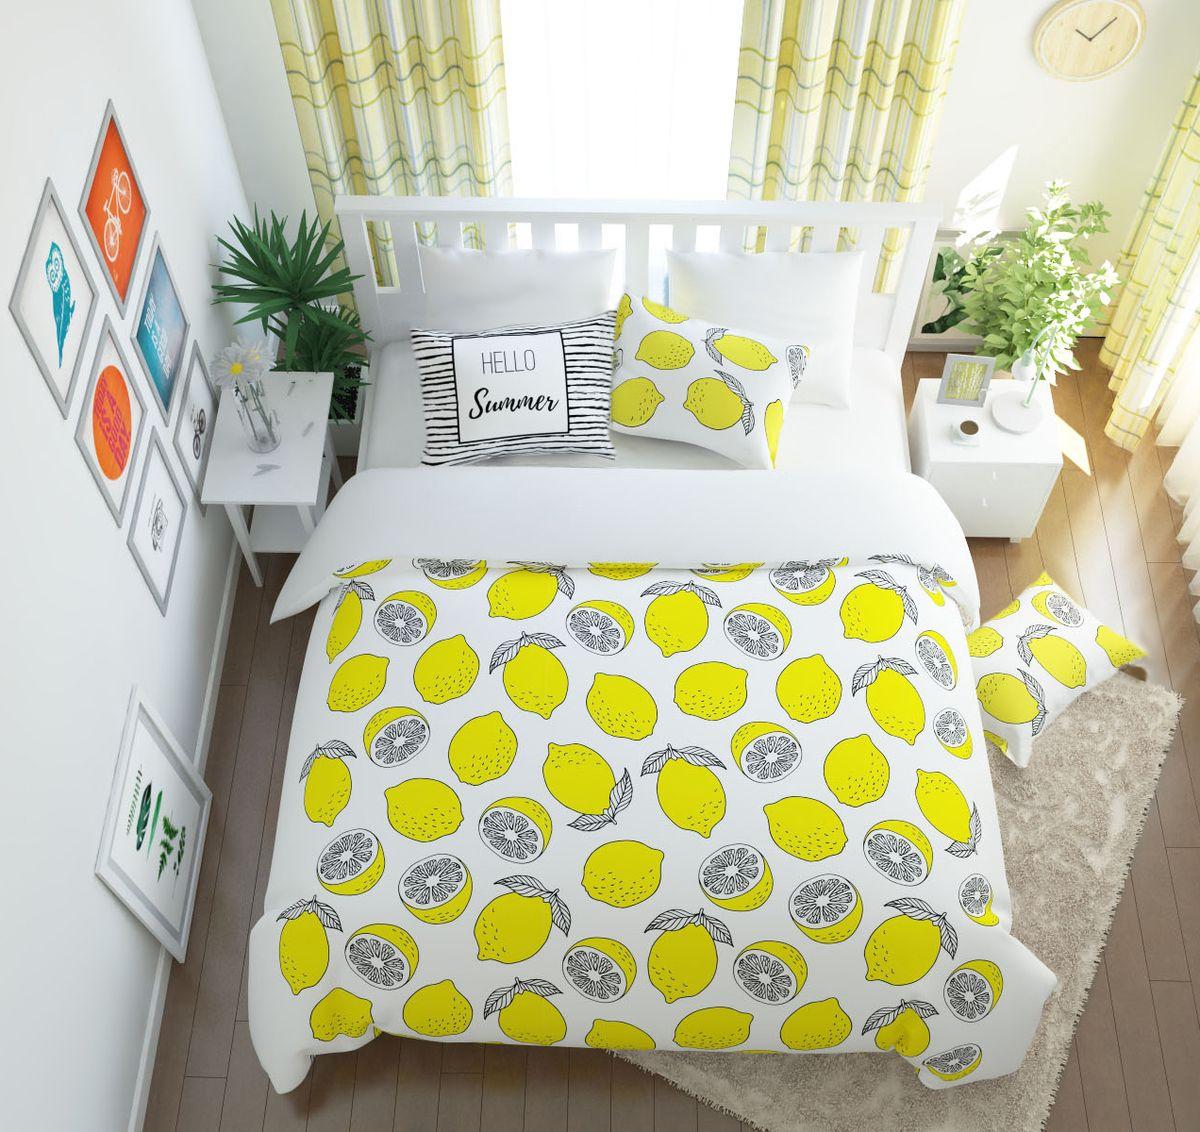 Комплект белья Сирень Лимонный фреш, 1,5-спальный, наволочки 50x70391602Комплект постельного белья Сирень Лимонный фреш состоит из простыни, пододеяльника и 2 наволочек. Комплект выполнен из современных гипоаллергенных материалов. Приятный при прикосновении сатин - гарантия здорового, спокойного сна. Ткань хорошо впитывает влагу, надолго сохраняет яркость красок. Четкий, изящный рисунок в сочетании с насыщенными красками делает комплект постельного белья неповторимой изюминкой любого интерьера. Постельное белье идеально подойдет для подарка.